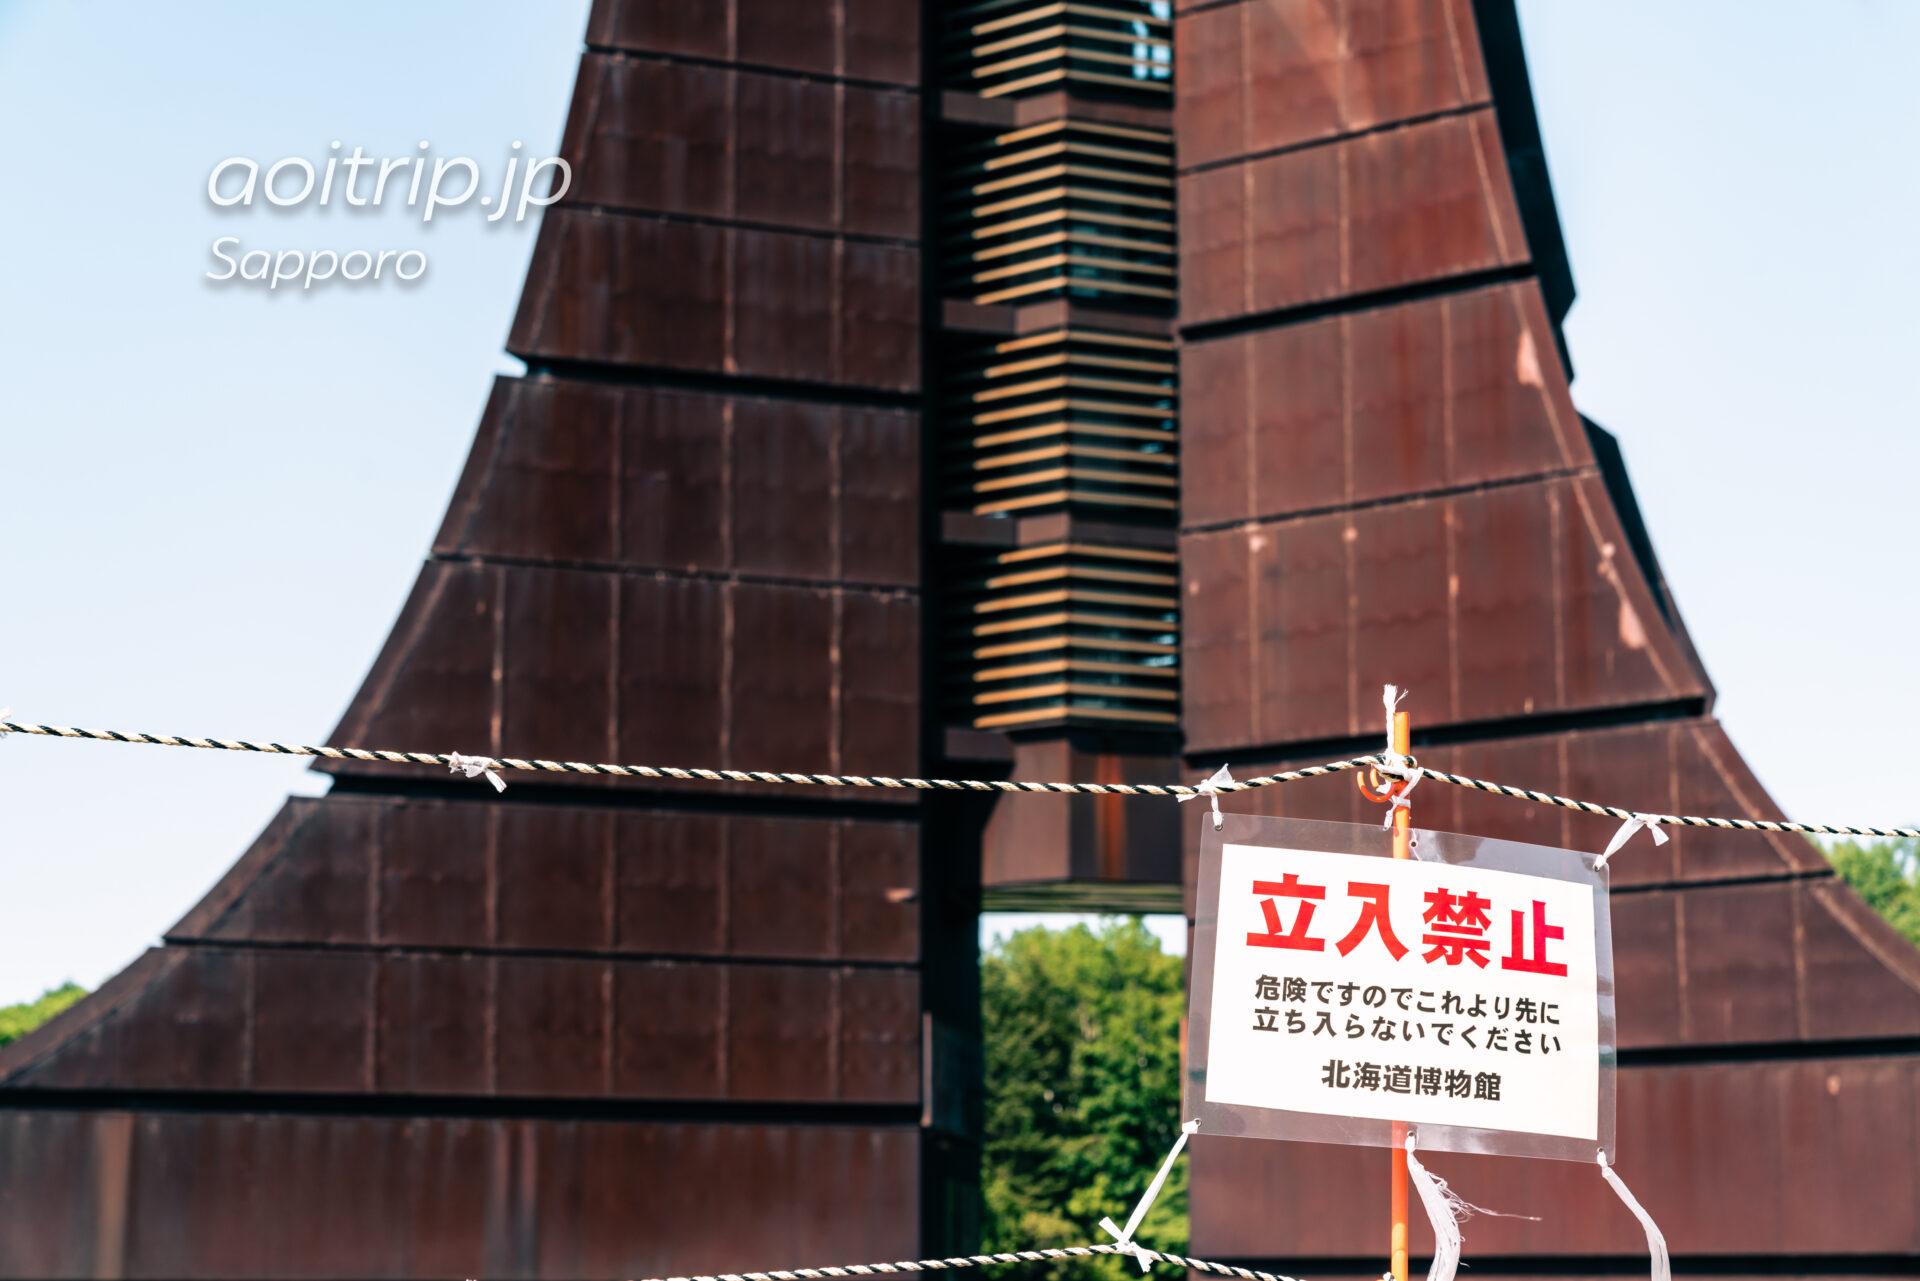 北海道百年記念塔 Centennial Memorial Tower 立入禁止